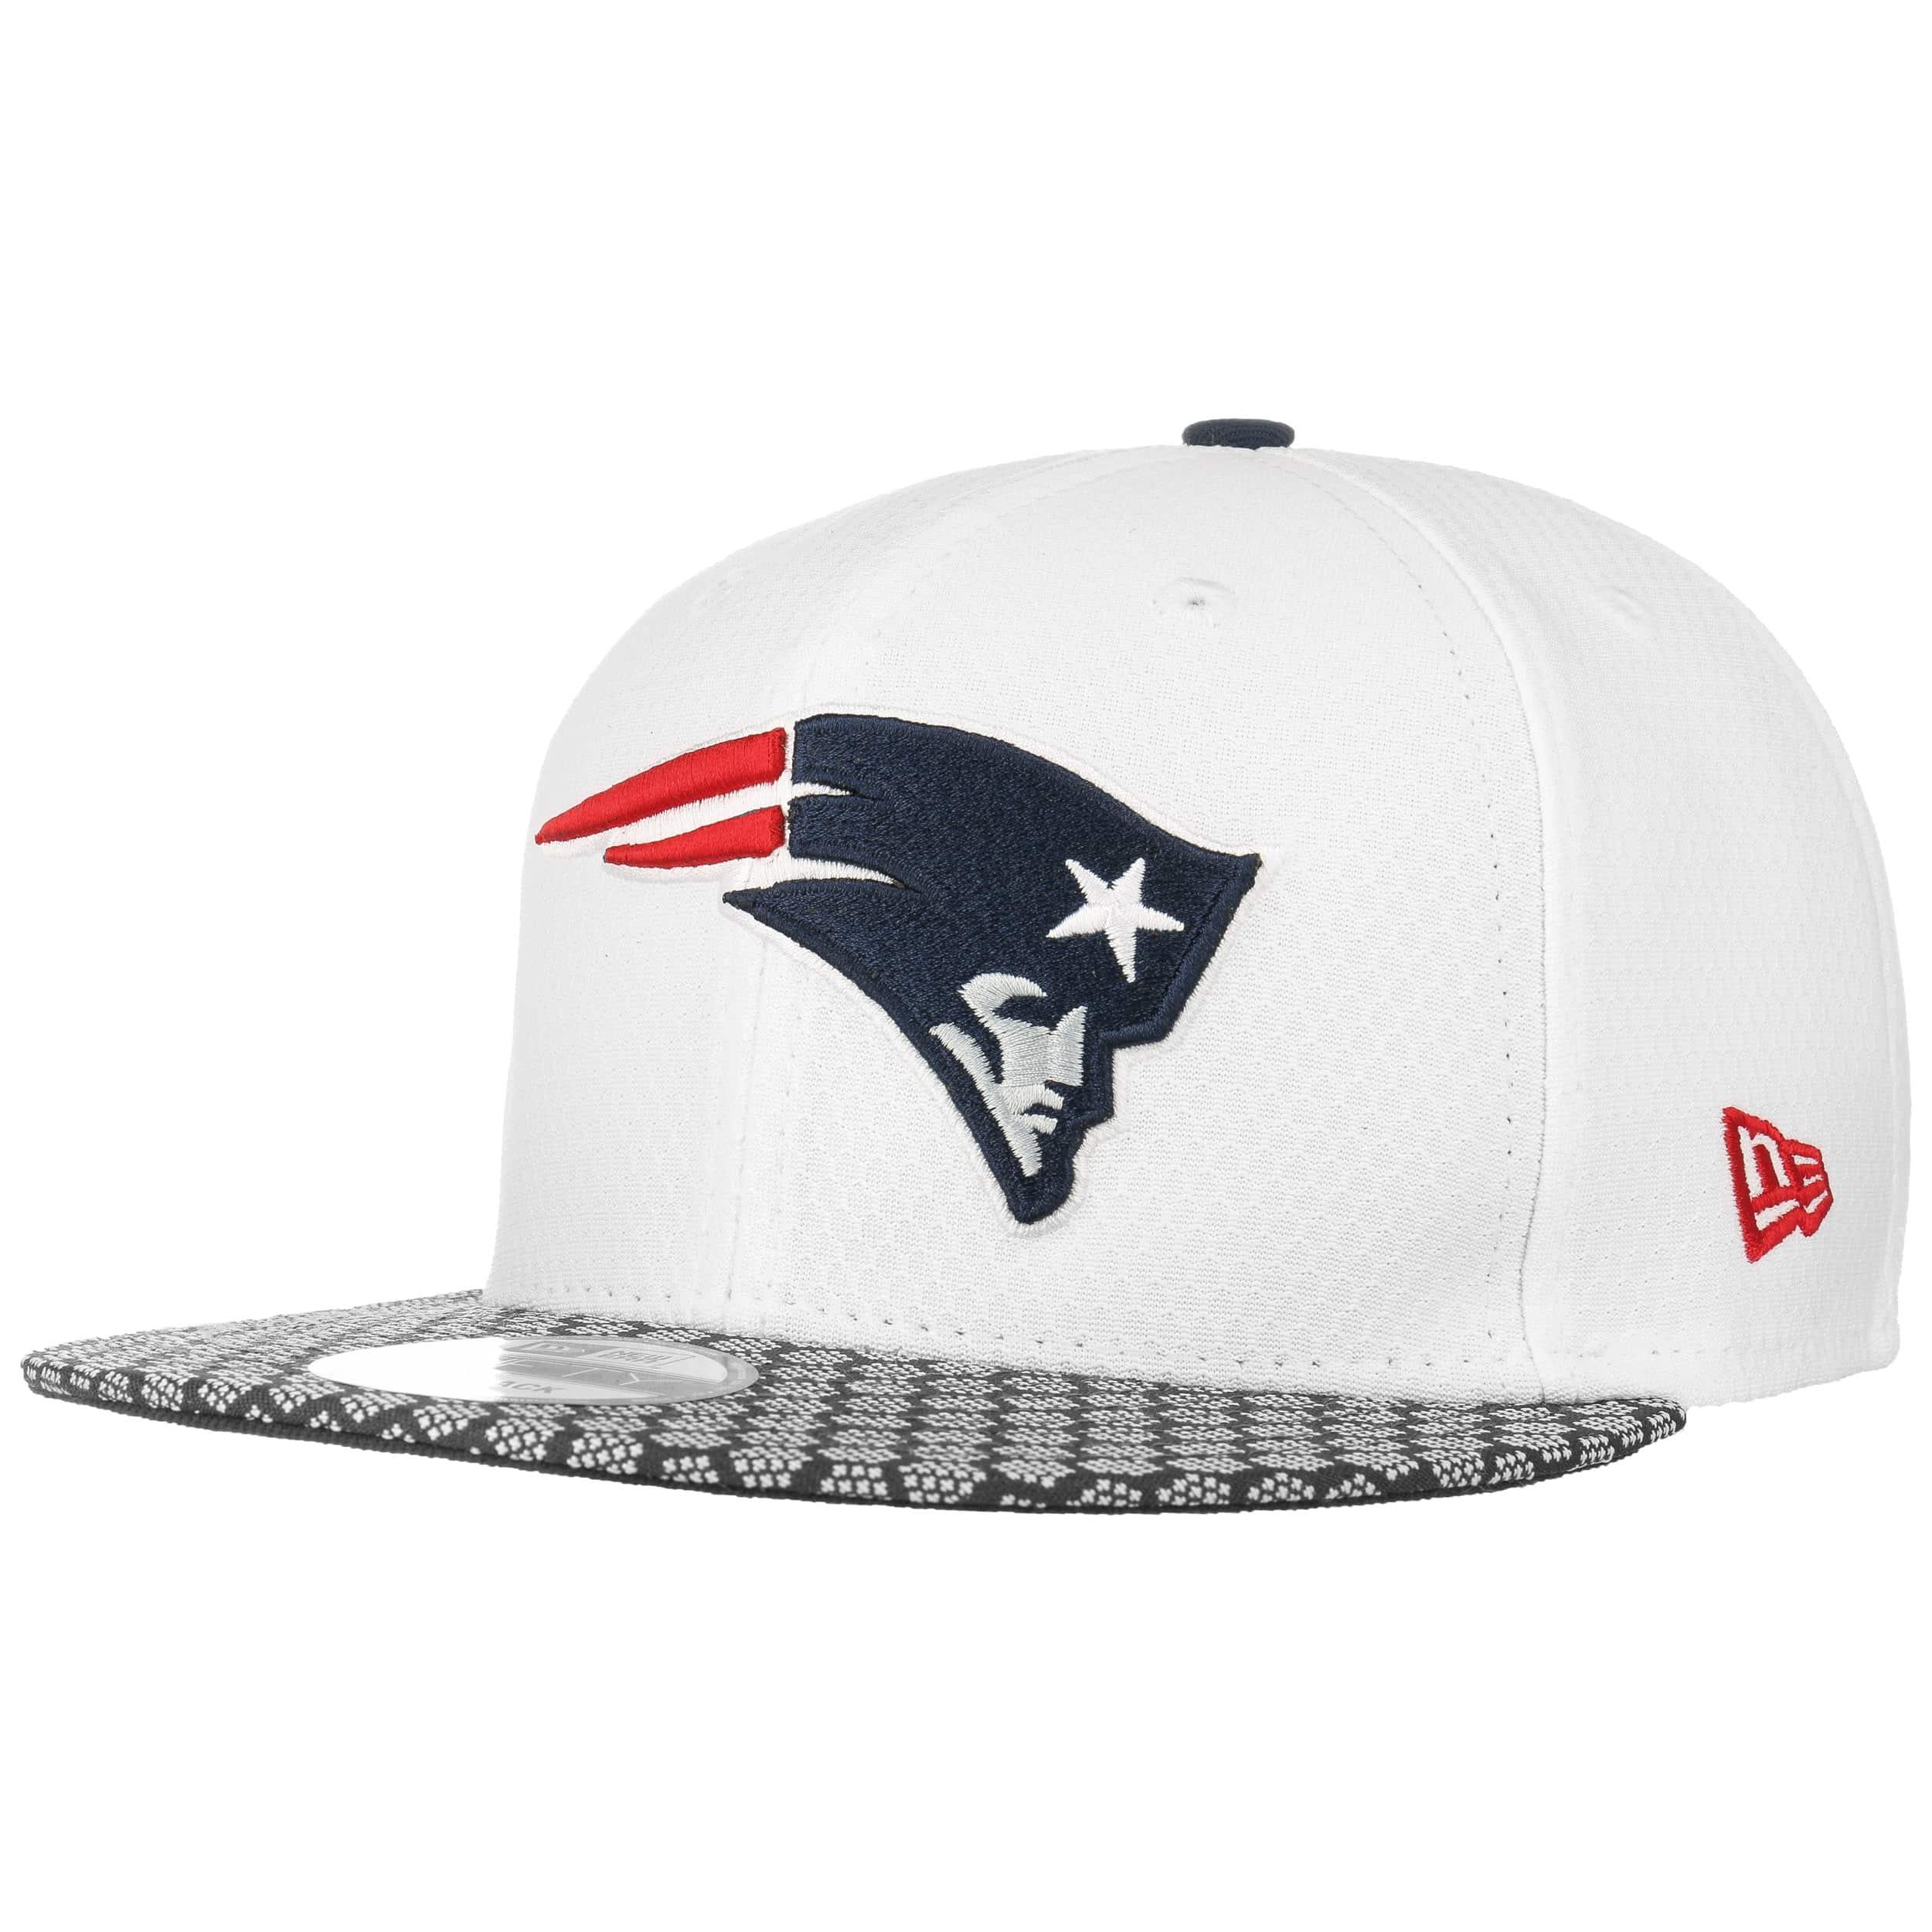 bf43a49caa899 Gorra 9Fifty SB Patriots by New Era - Gorras - sombreroshop.es